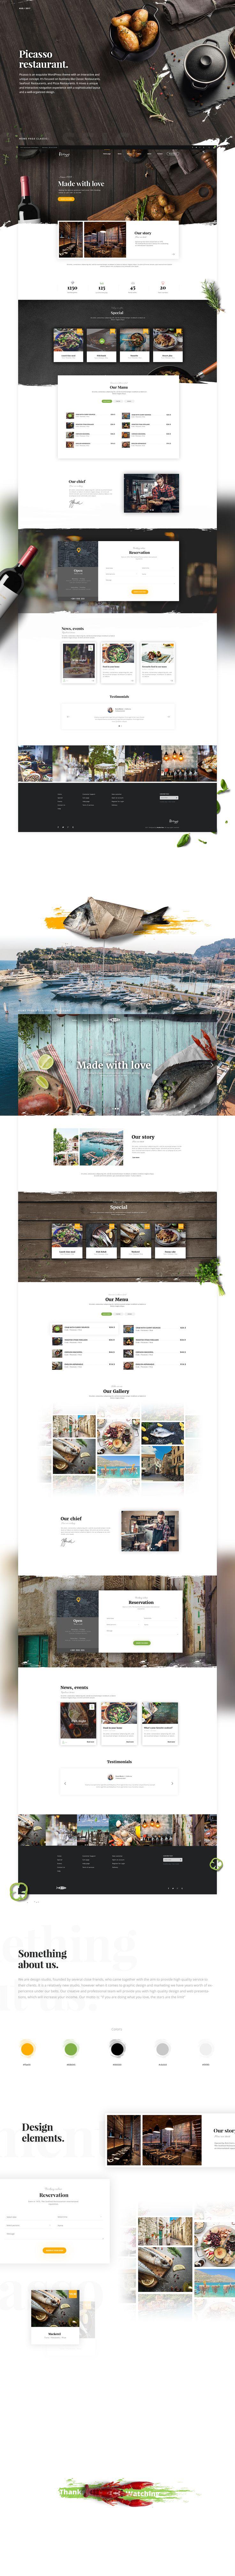 Ознакомьтесь с этим проектом @Behance: «Picasso restaurant - Web design» https://www.behance.net/gallery/55660711/Picasso-restaurant-Web-design